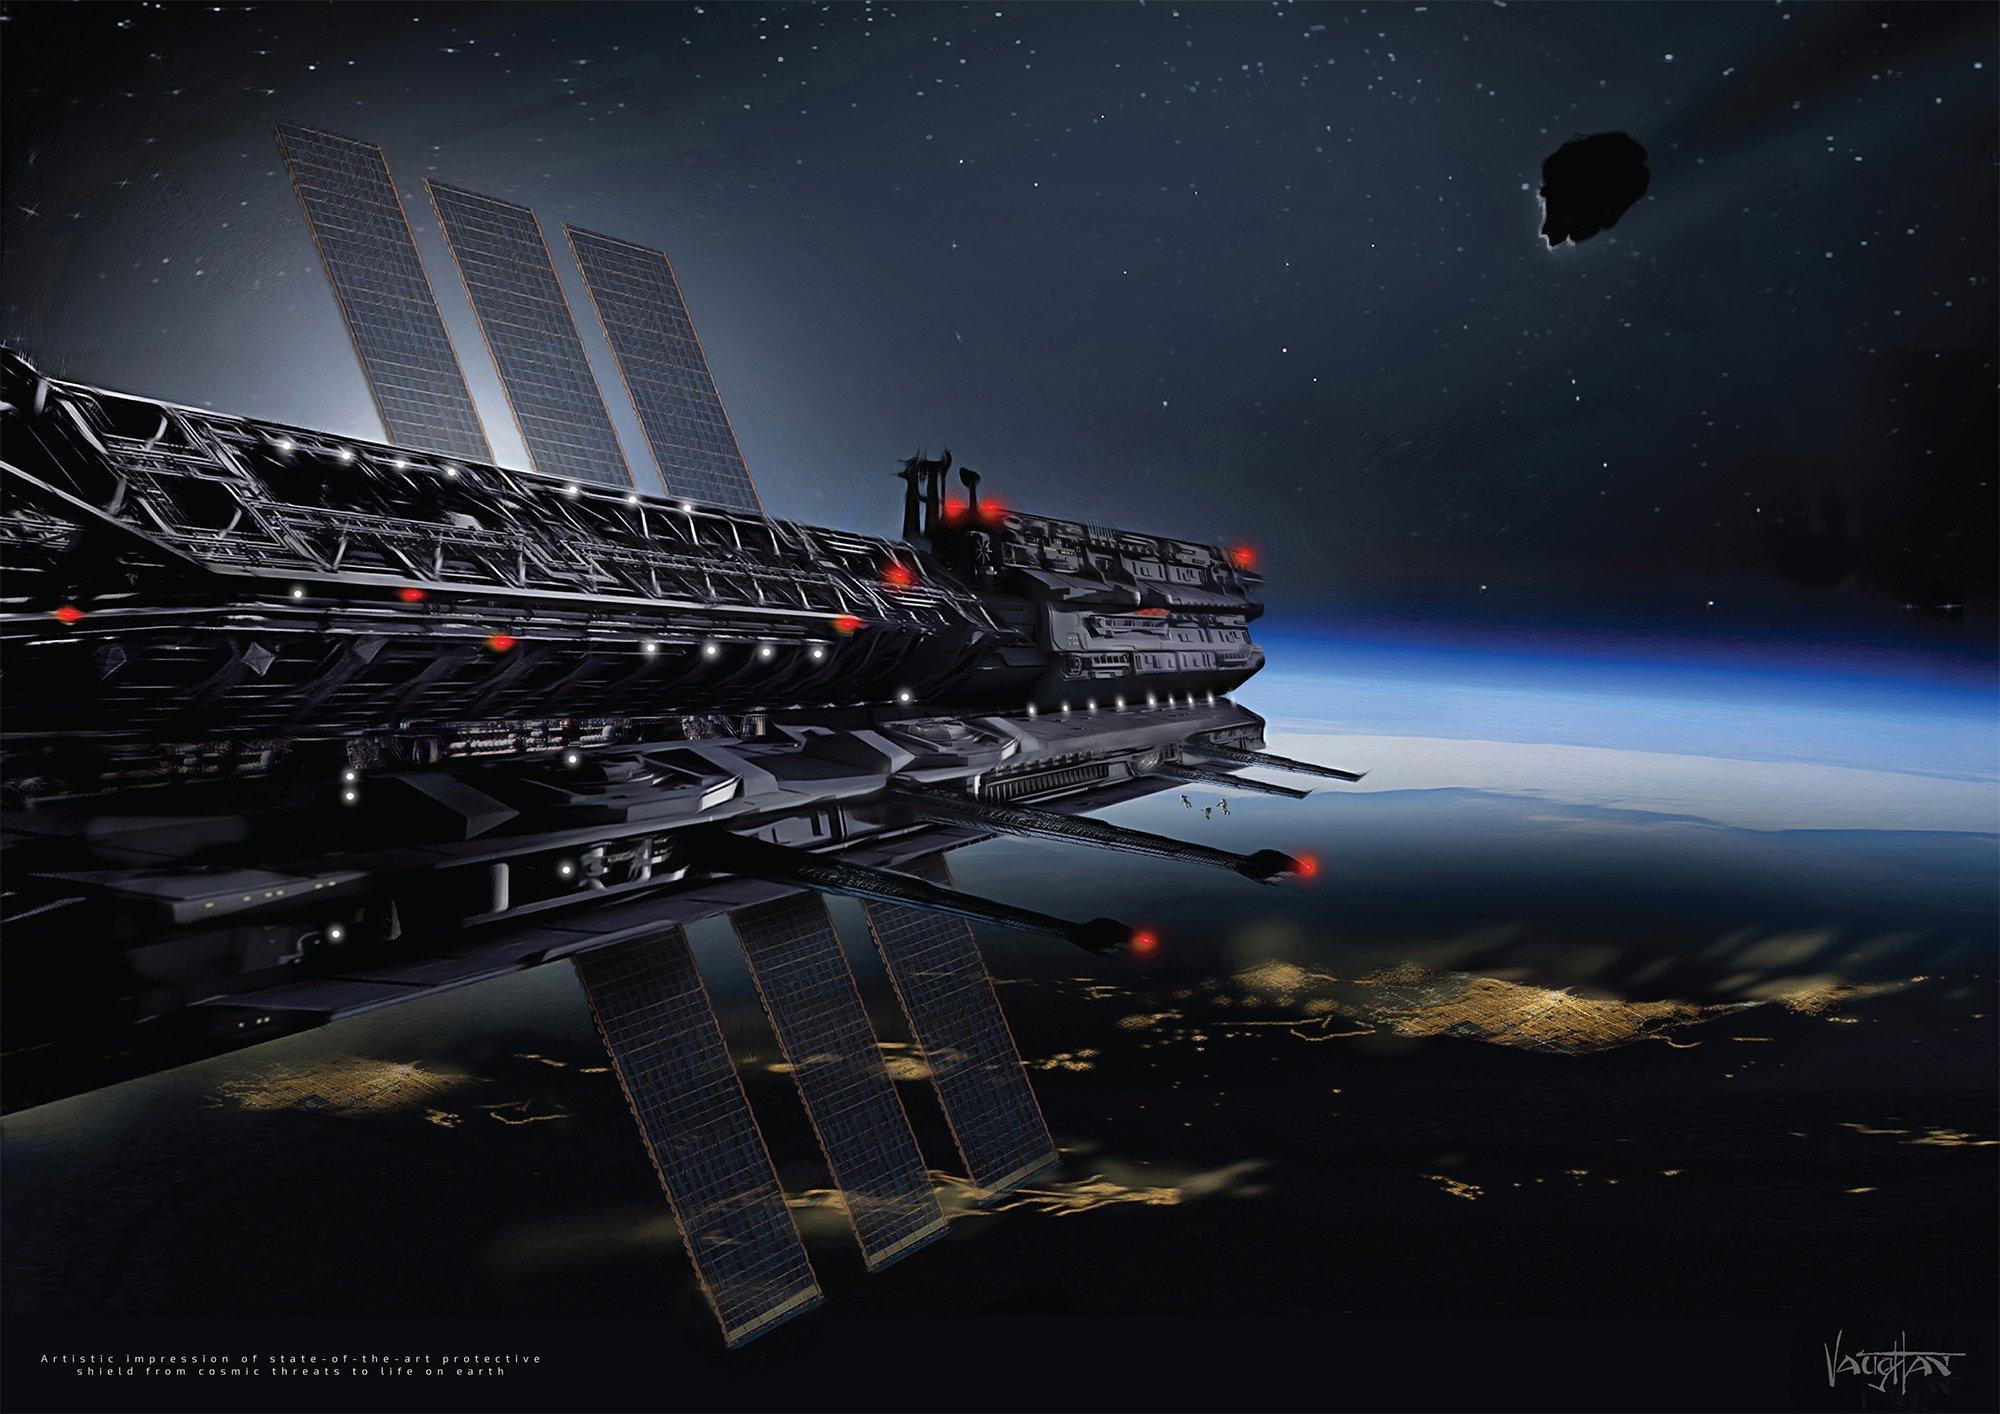 Kosmos-da yaşamaq istəyənlər üçün vədəndaşlıq müraciətləri açıq elan edilib